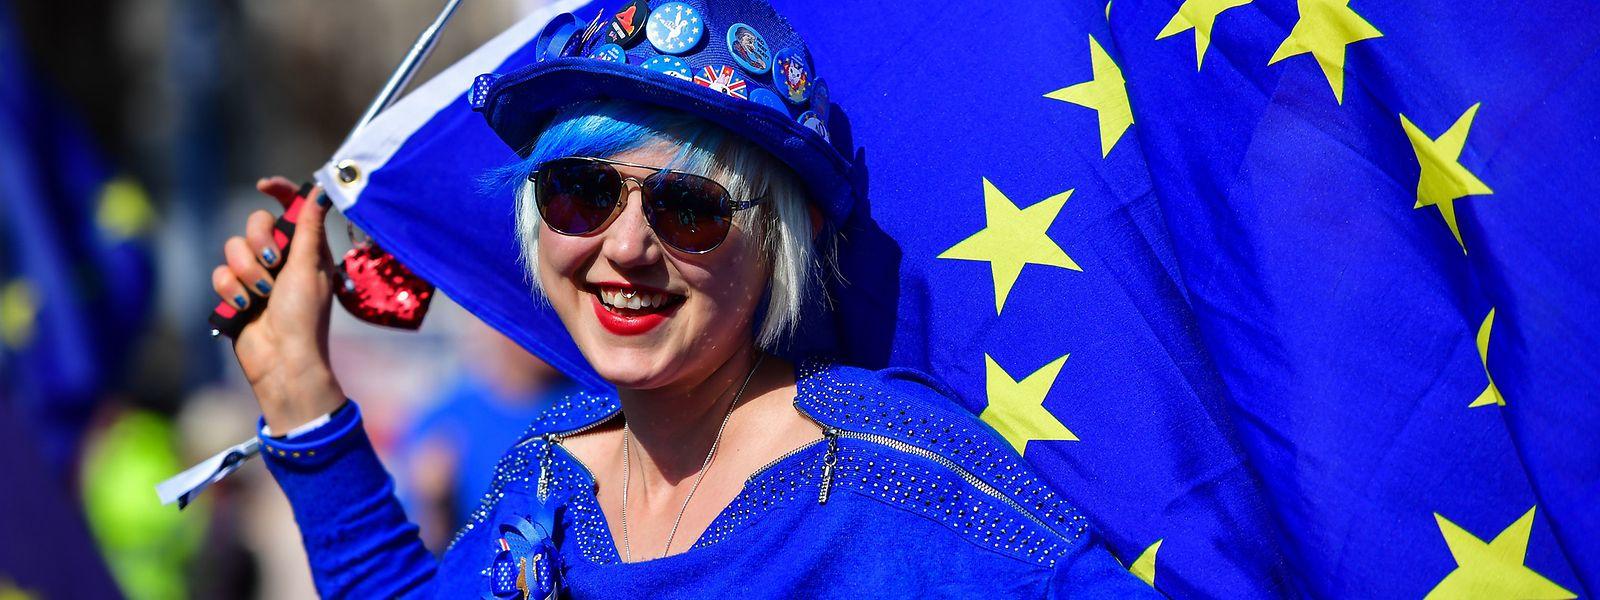 """Laut der Bertelsmann-Studie sei die """"EU-Bevölkerung tief gespalten, weil die Menschen den Zustand der Gesellschaft und ihre eigene Position darin völlig unterschiedlich wahrnehmen."""""""